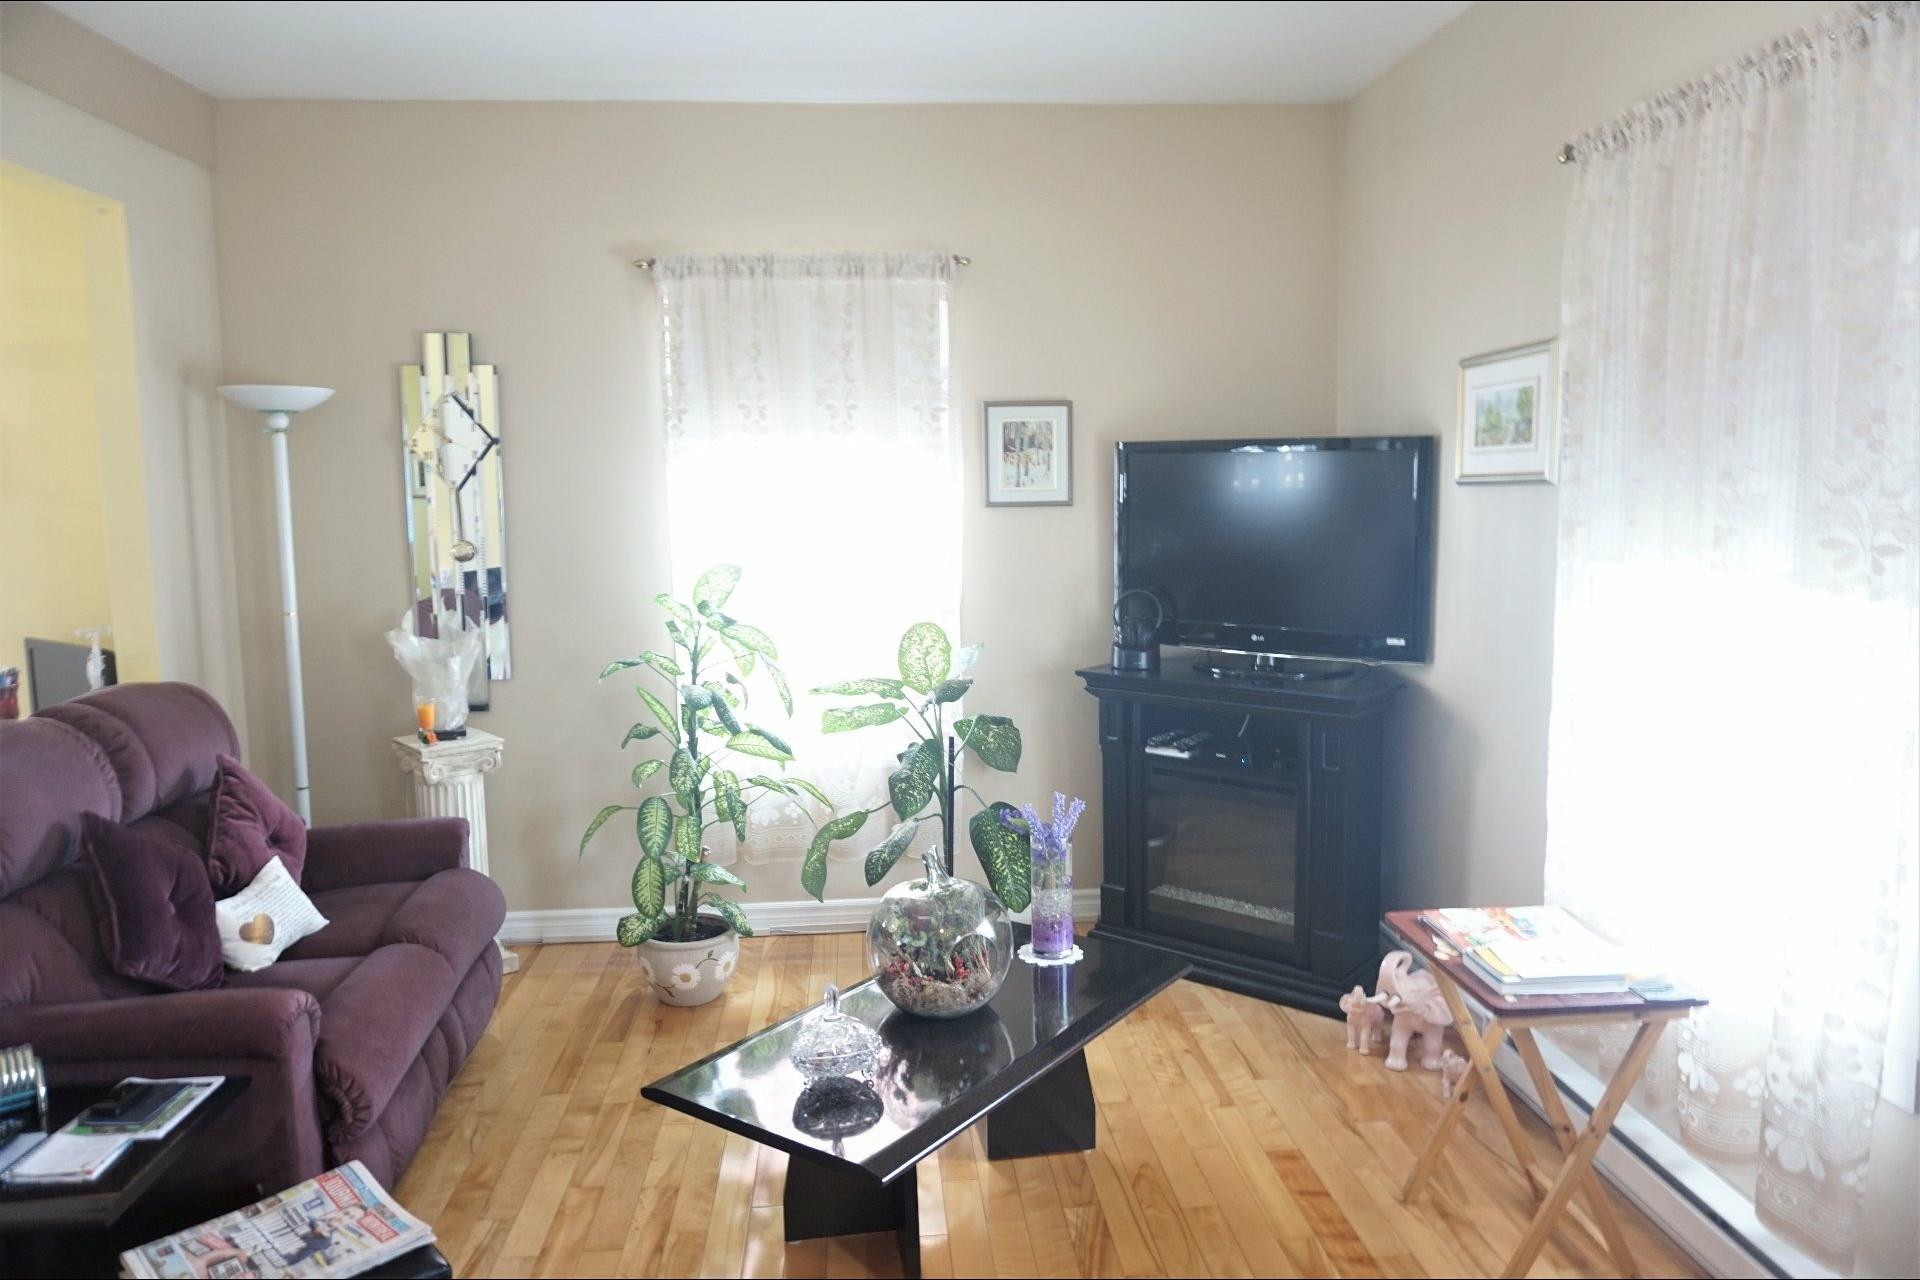 image 3 - Duplex For sale La Tuque - 4 rooms